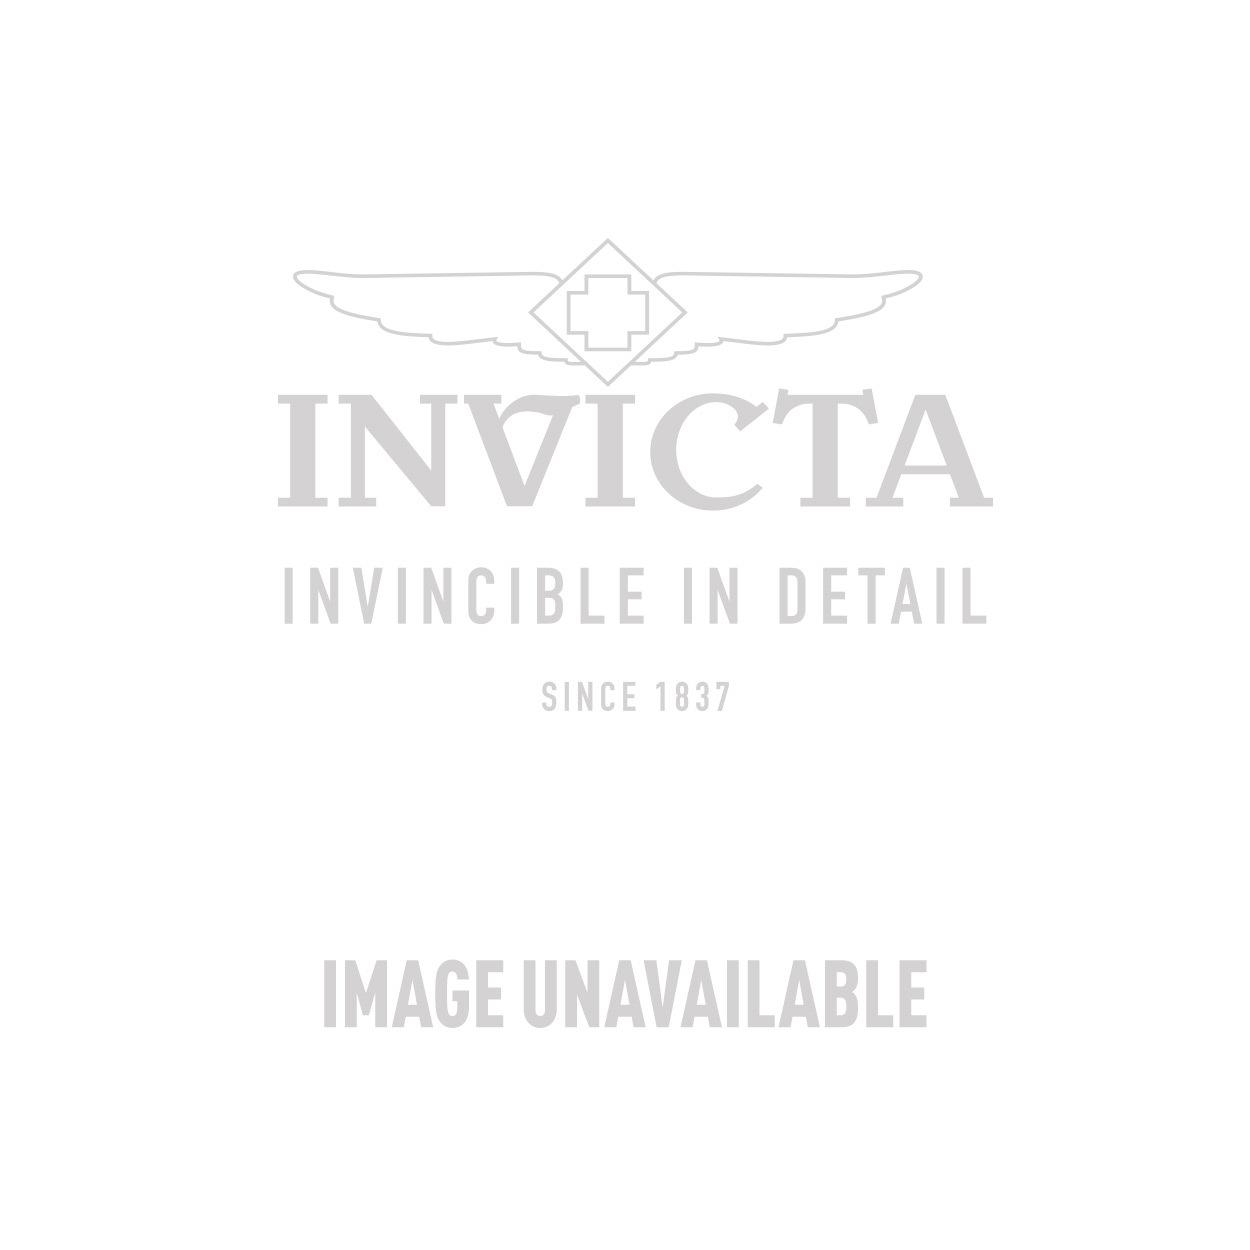 Invicta Model 24860